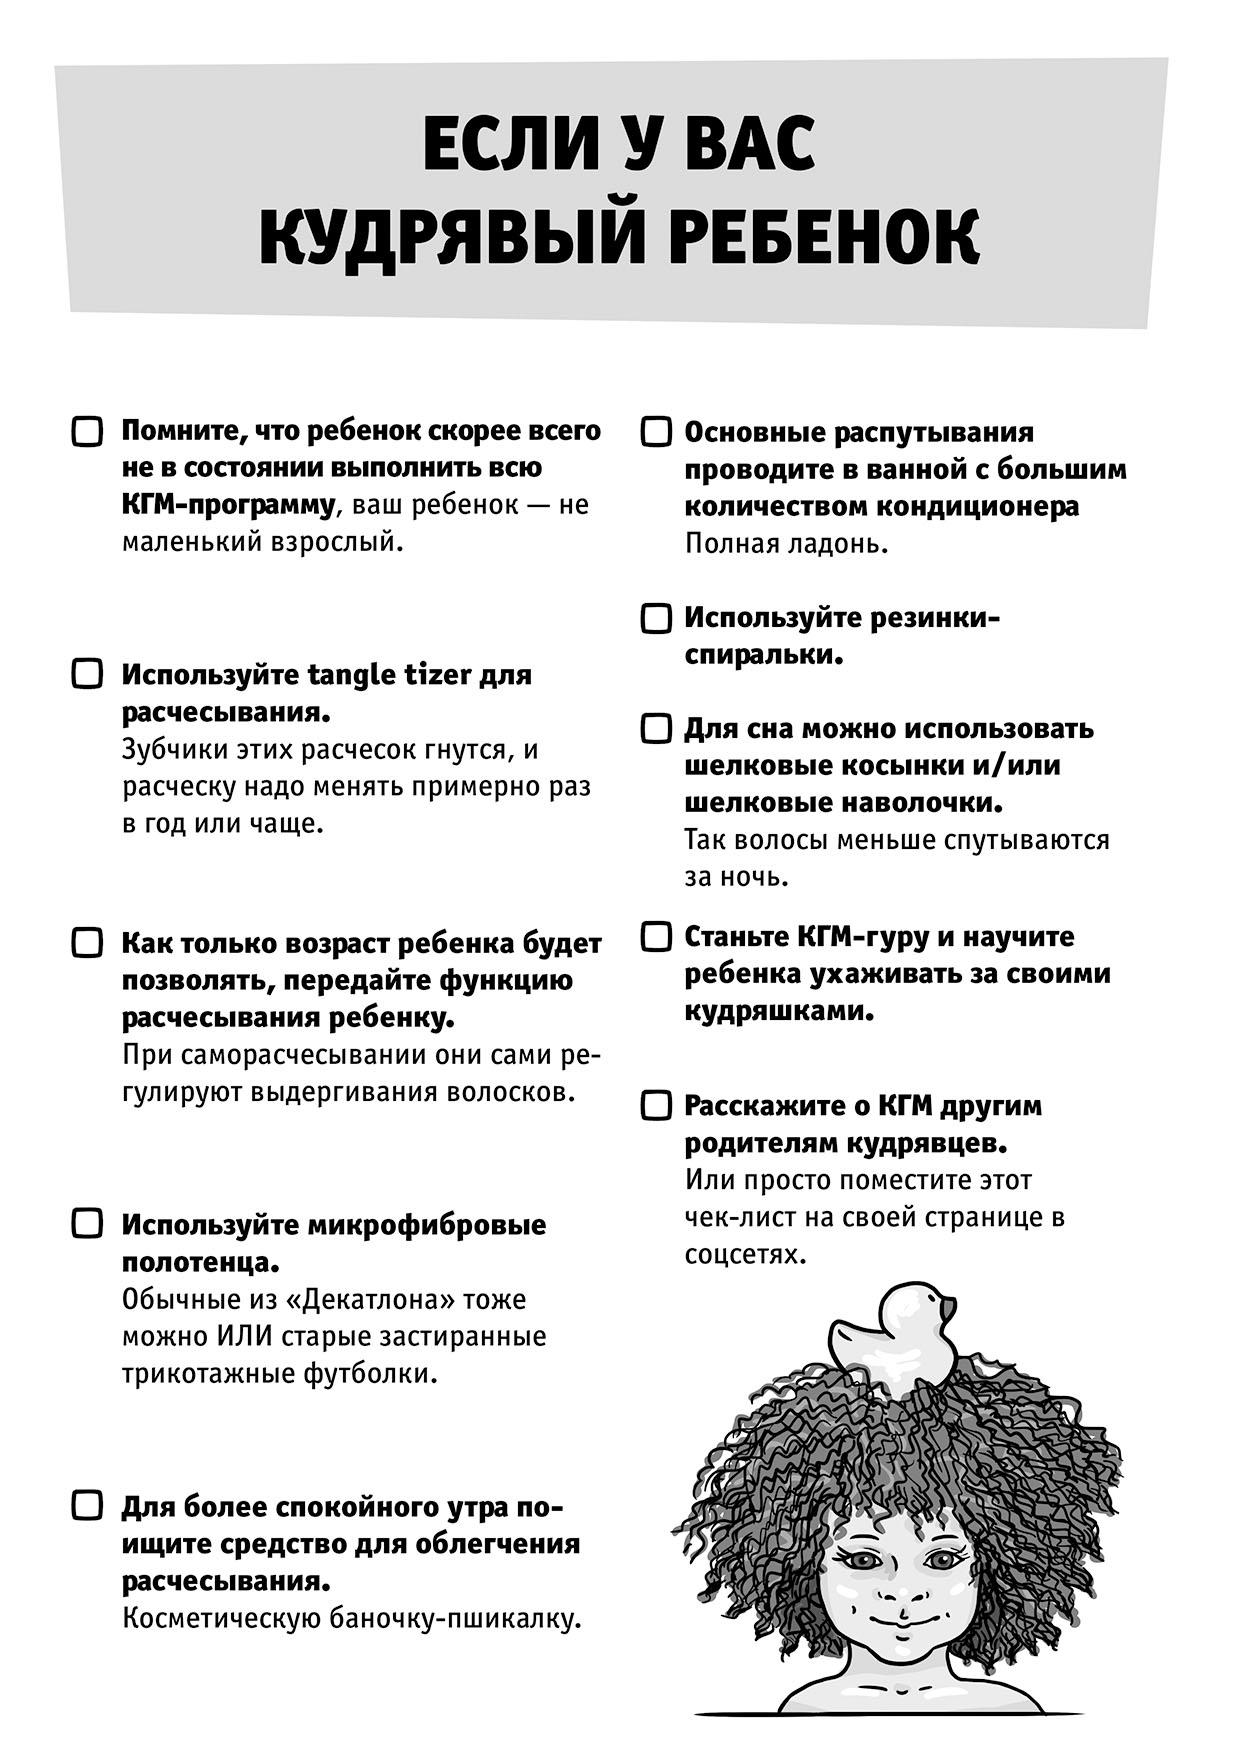 В Бьютилогии для ухода за кудрявыми волосами - отдельная глава https://www.litres.ru/uliya-osina/butilogiya-nauka-o-krasote-dlya-teh-kto-znal-no-zabyl/